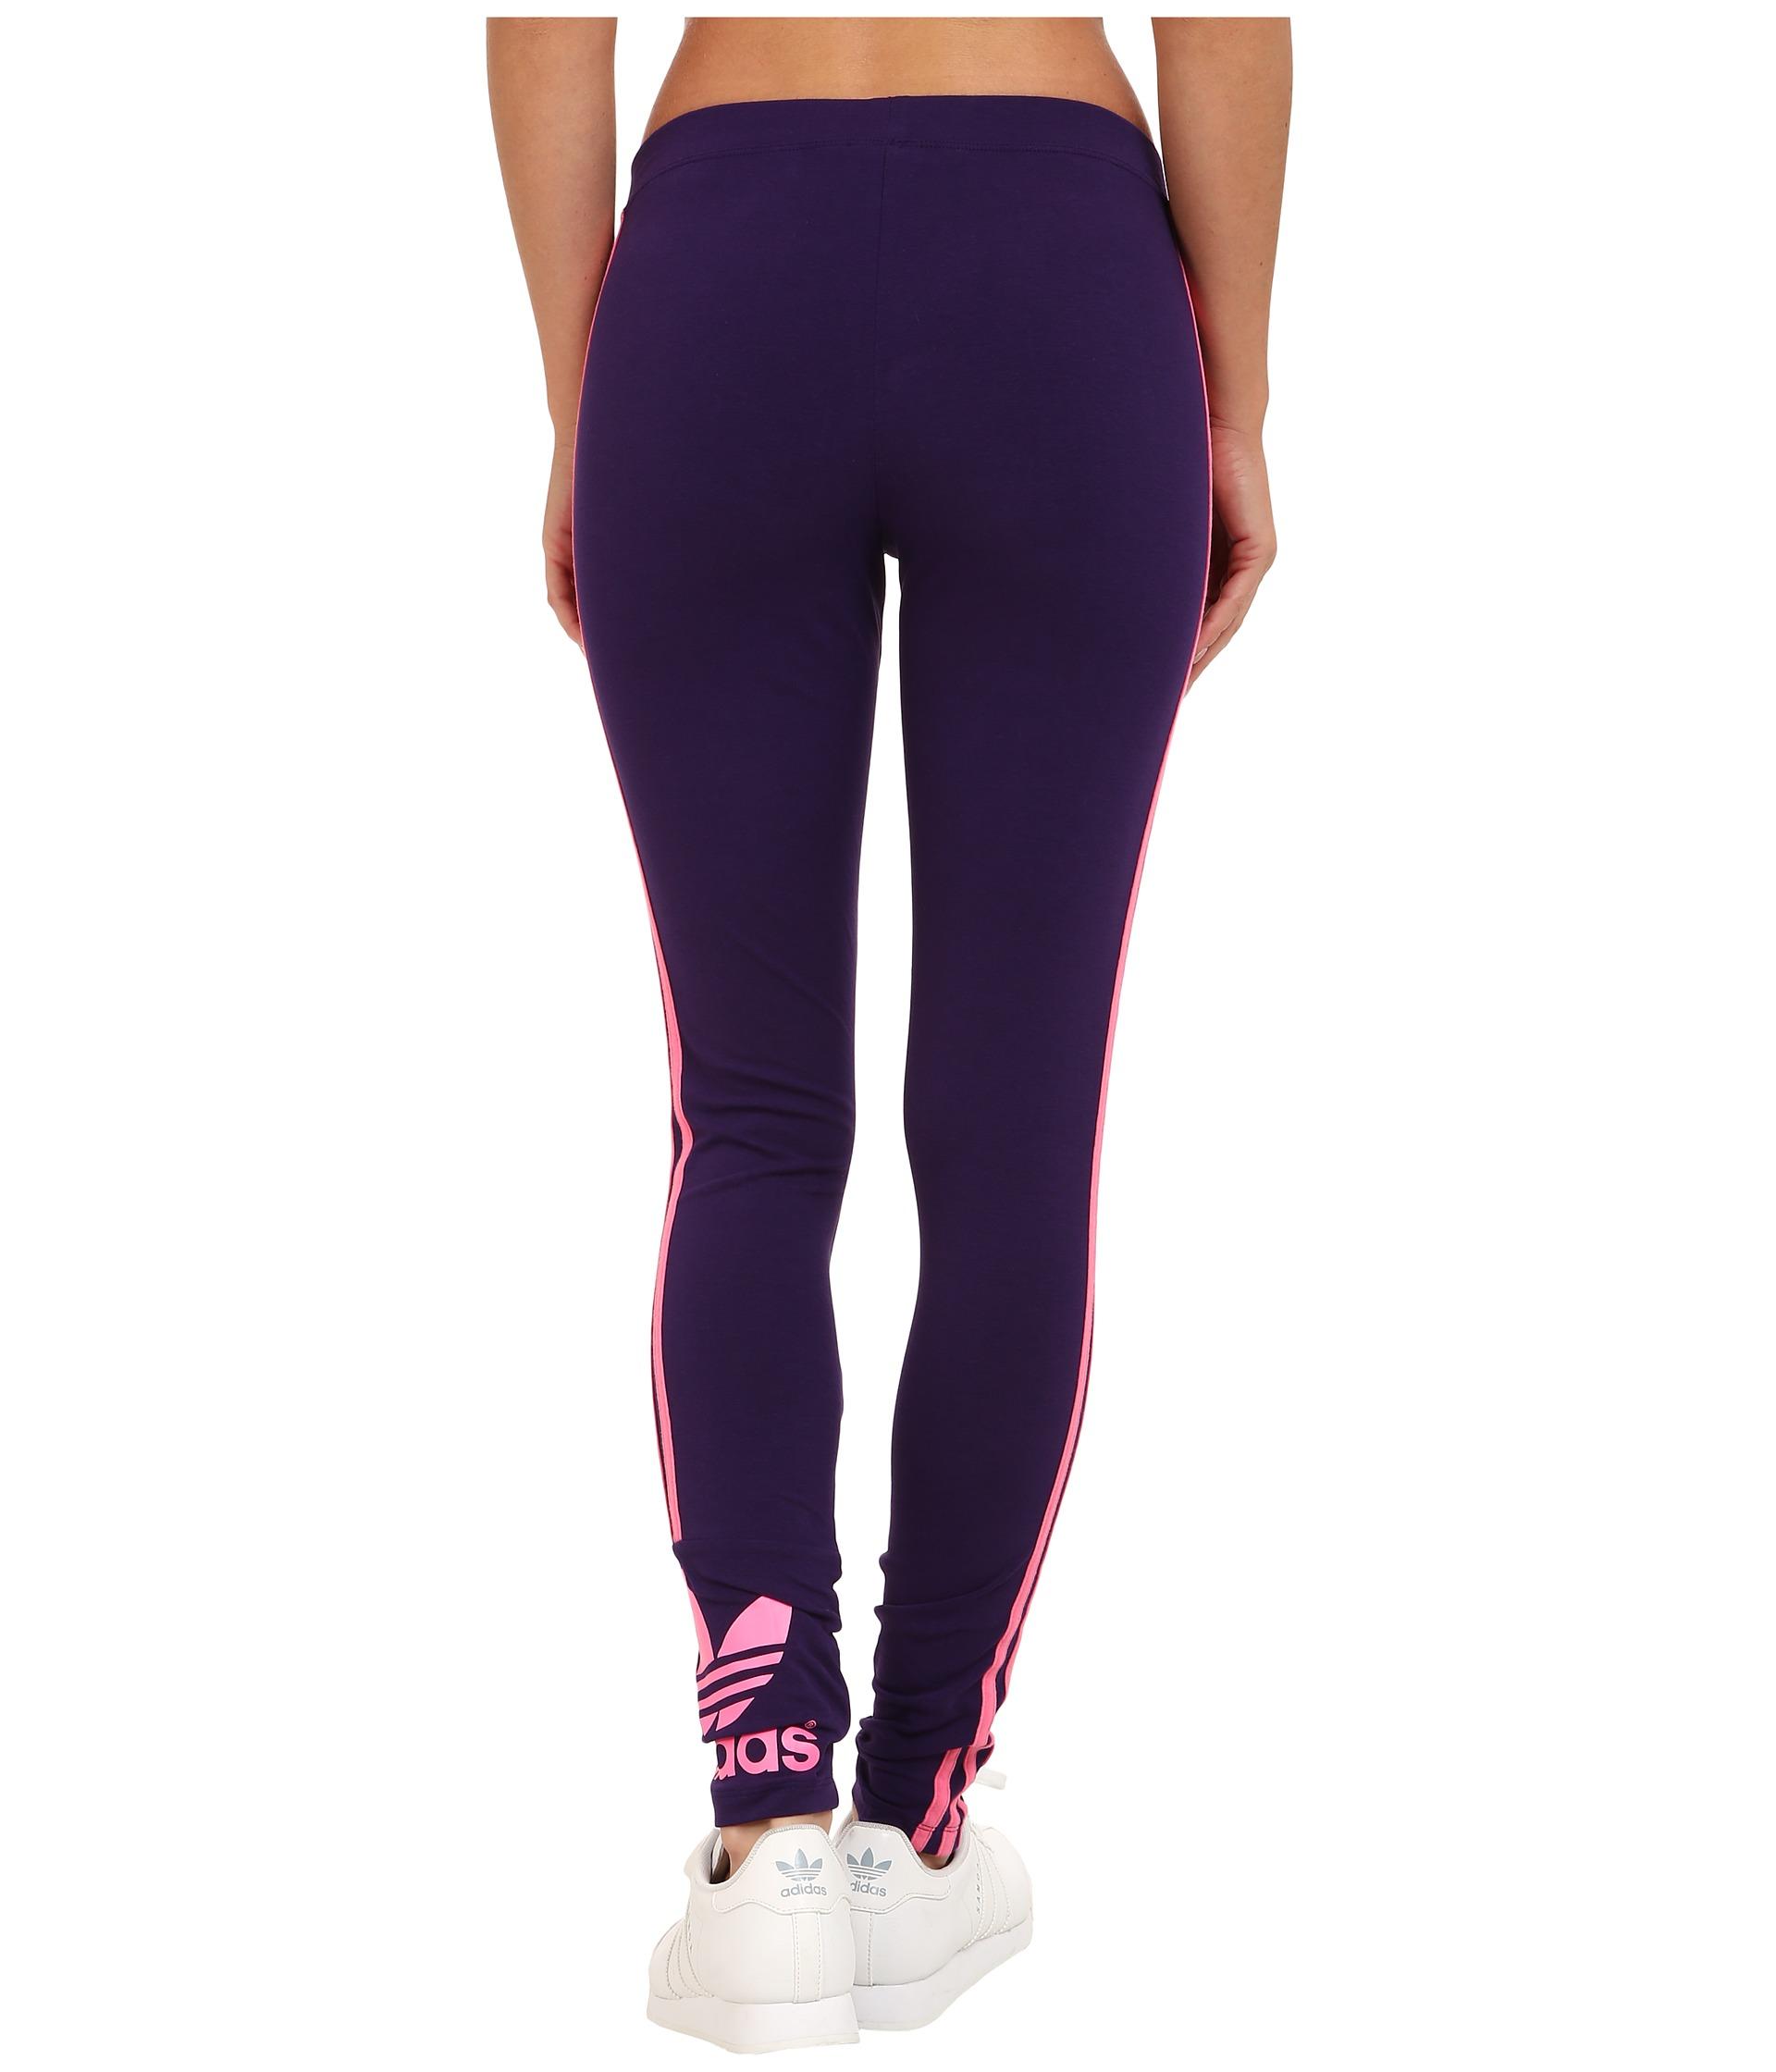 adidas originals 3 stripes trefoil leggings yoga gym m34745 eggplant pink new ebay. Black Bedroom Furniture Sets. Home Design Ideas